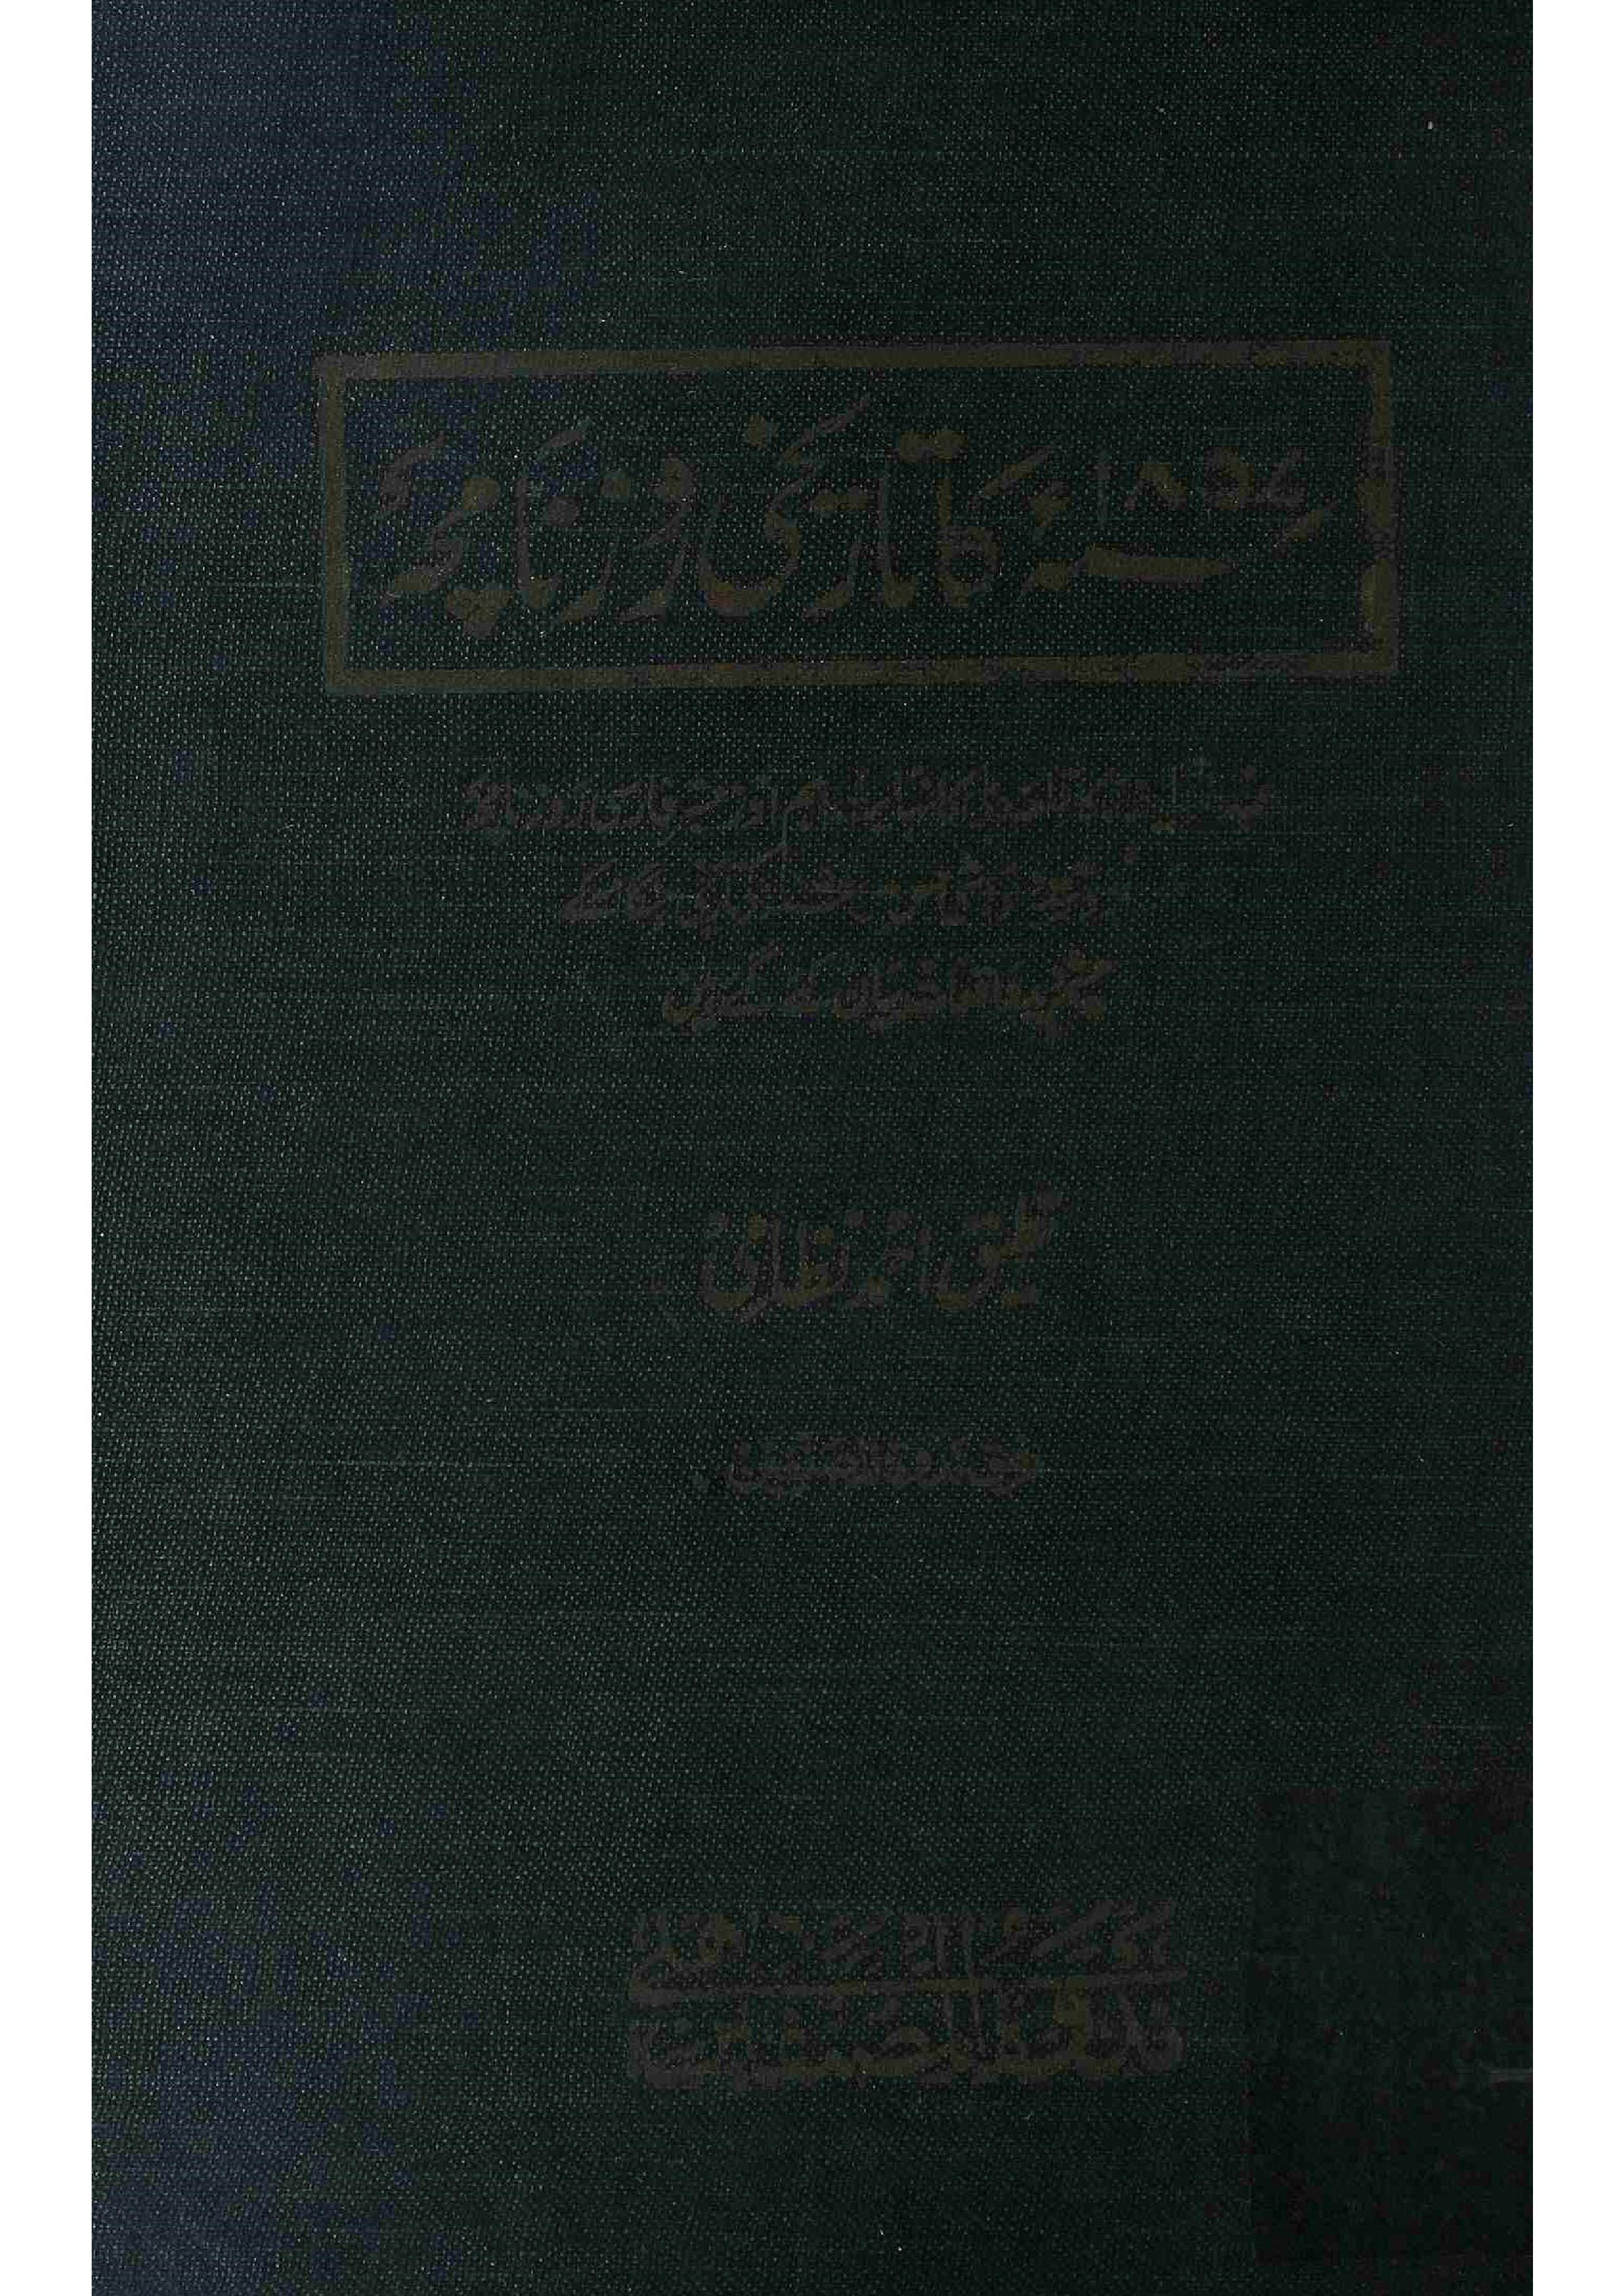 1857 Ka Tareekhi Roznamcha